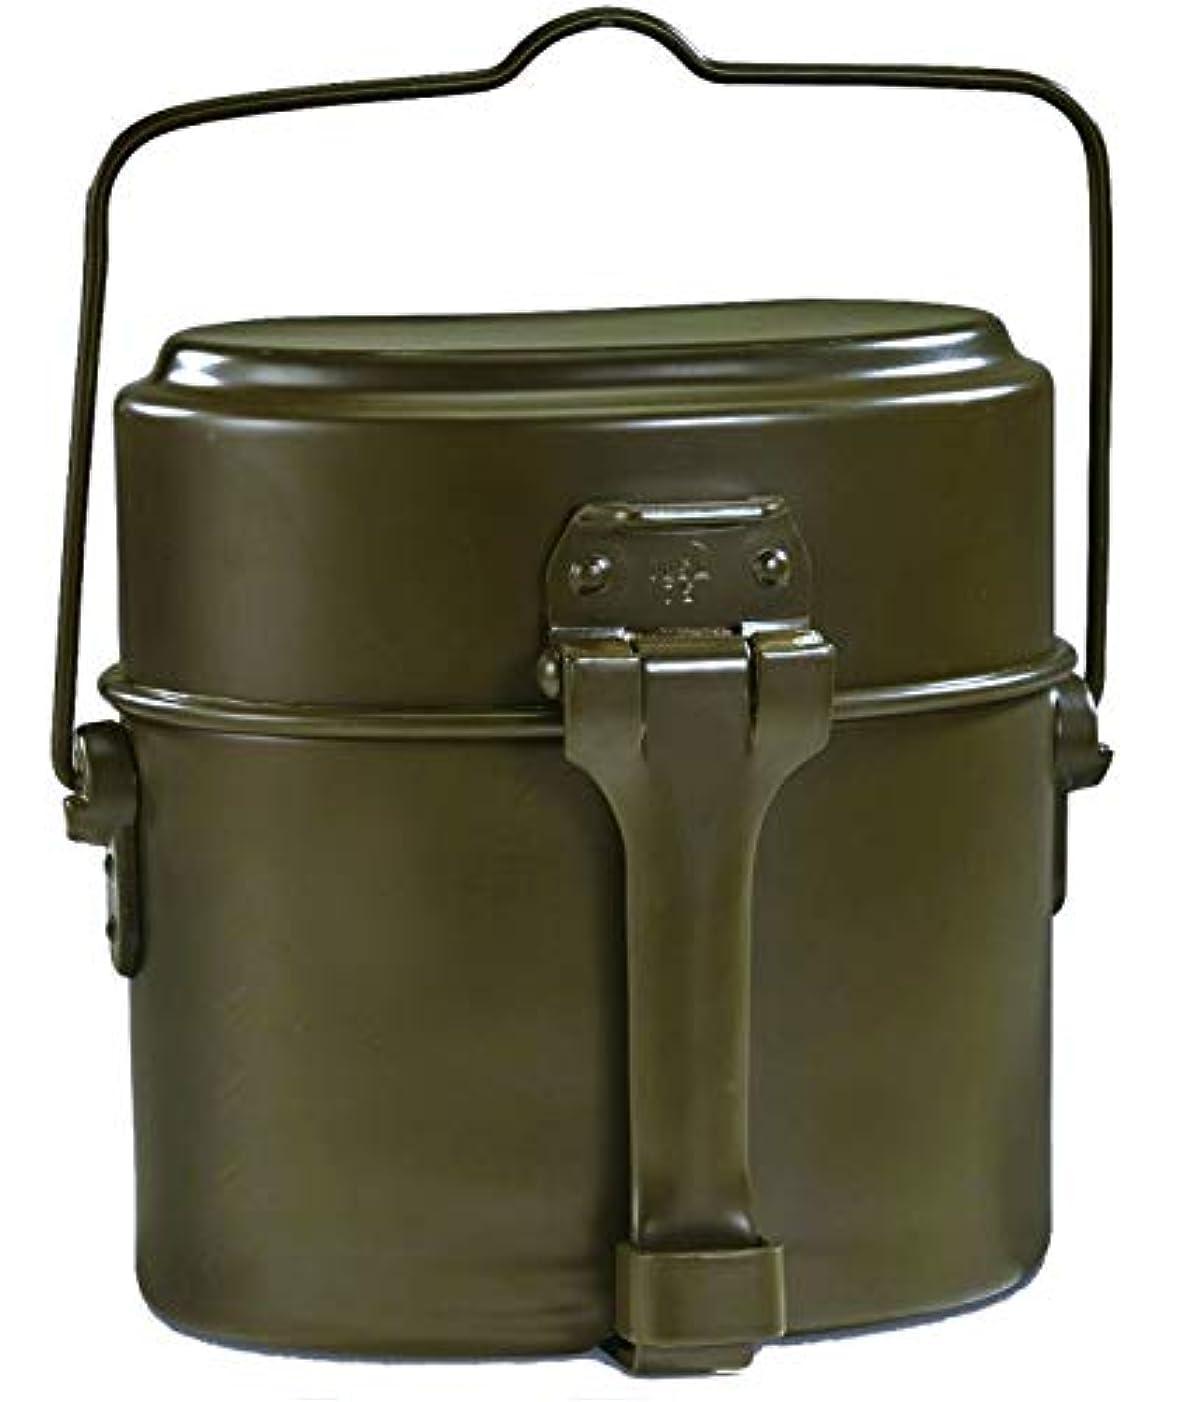 あいまいなファランクス東部イタリア軍 メスキット 飯盒 3ピース 軍払下 未使用品 刻印 ILSA 75